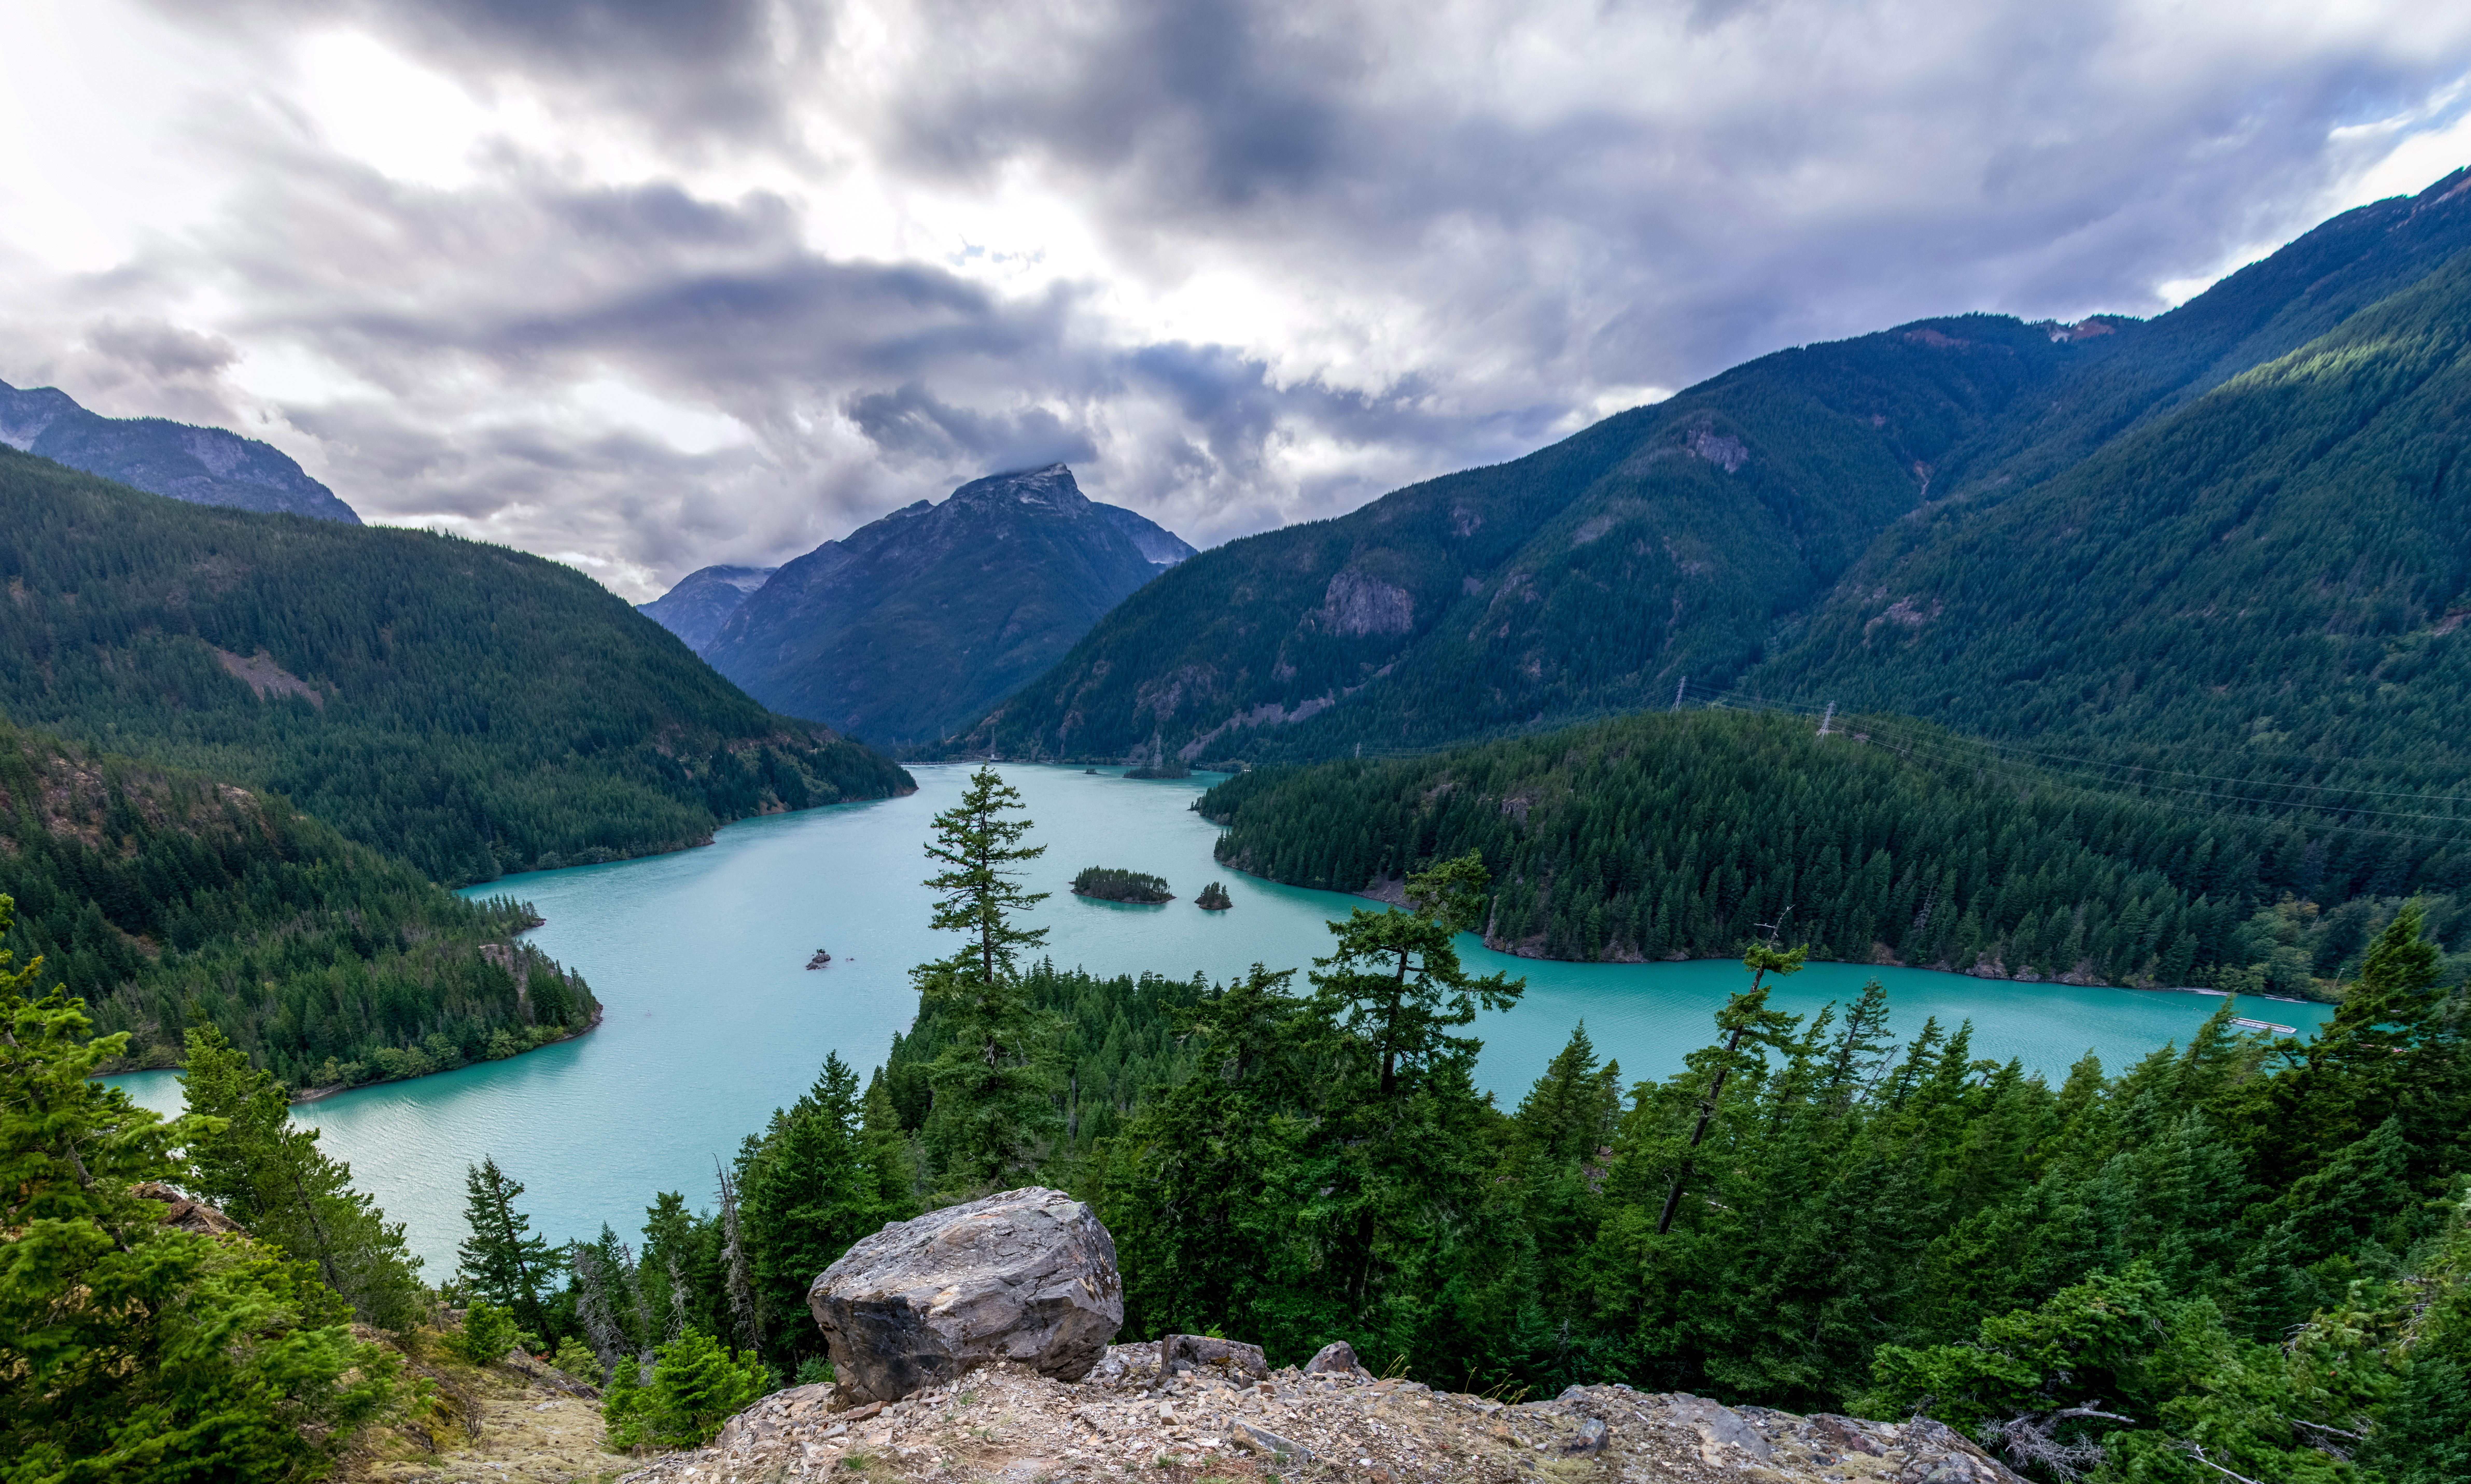 Beautiful landscape at glacier national park montana for Landscape photos